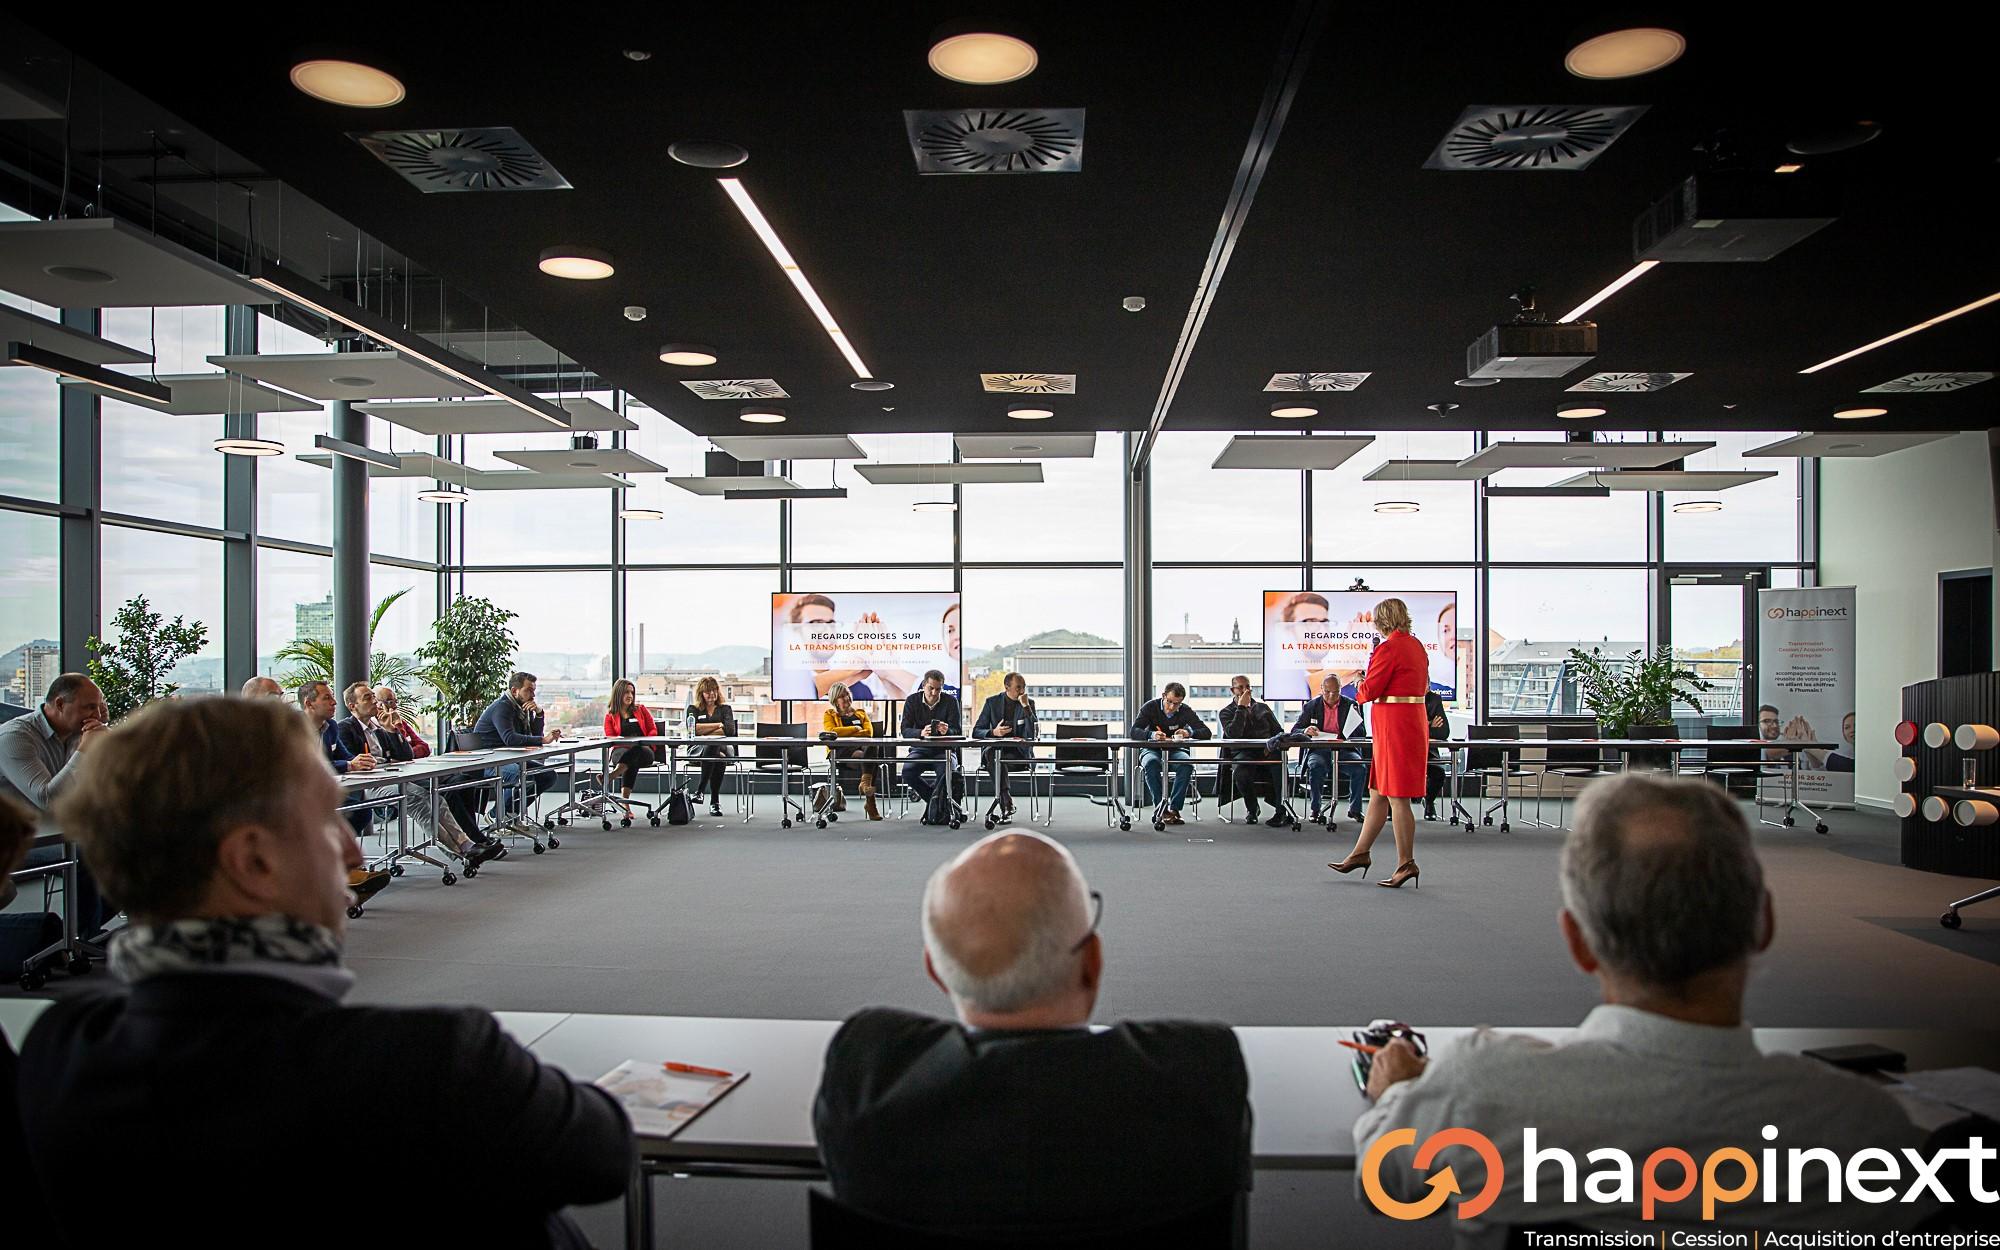 Happinext Cession et Acquisition d'entreprise Hainaut-Wallonie